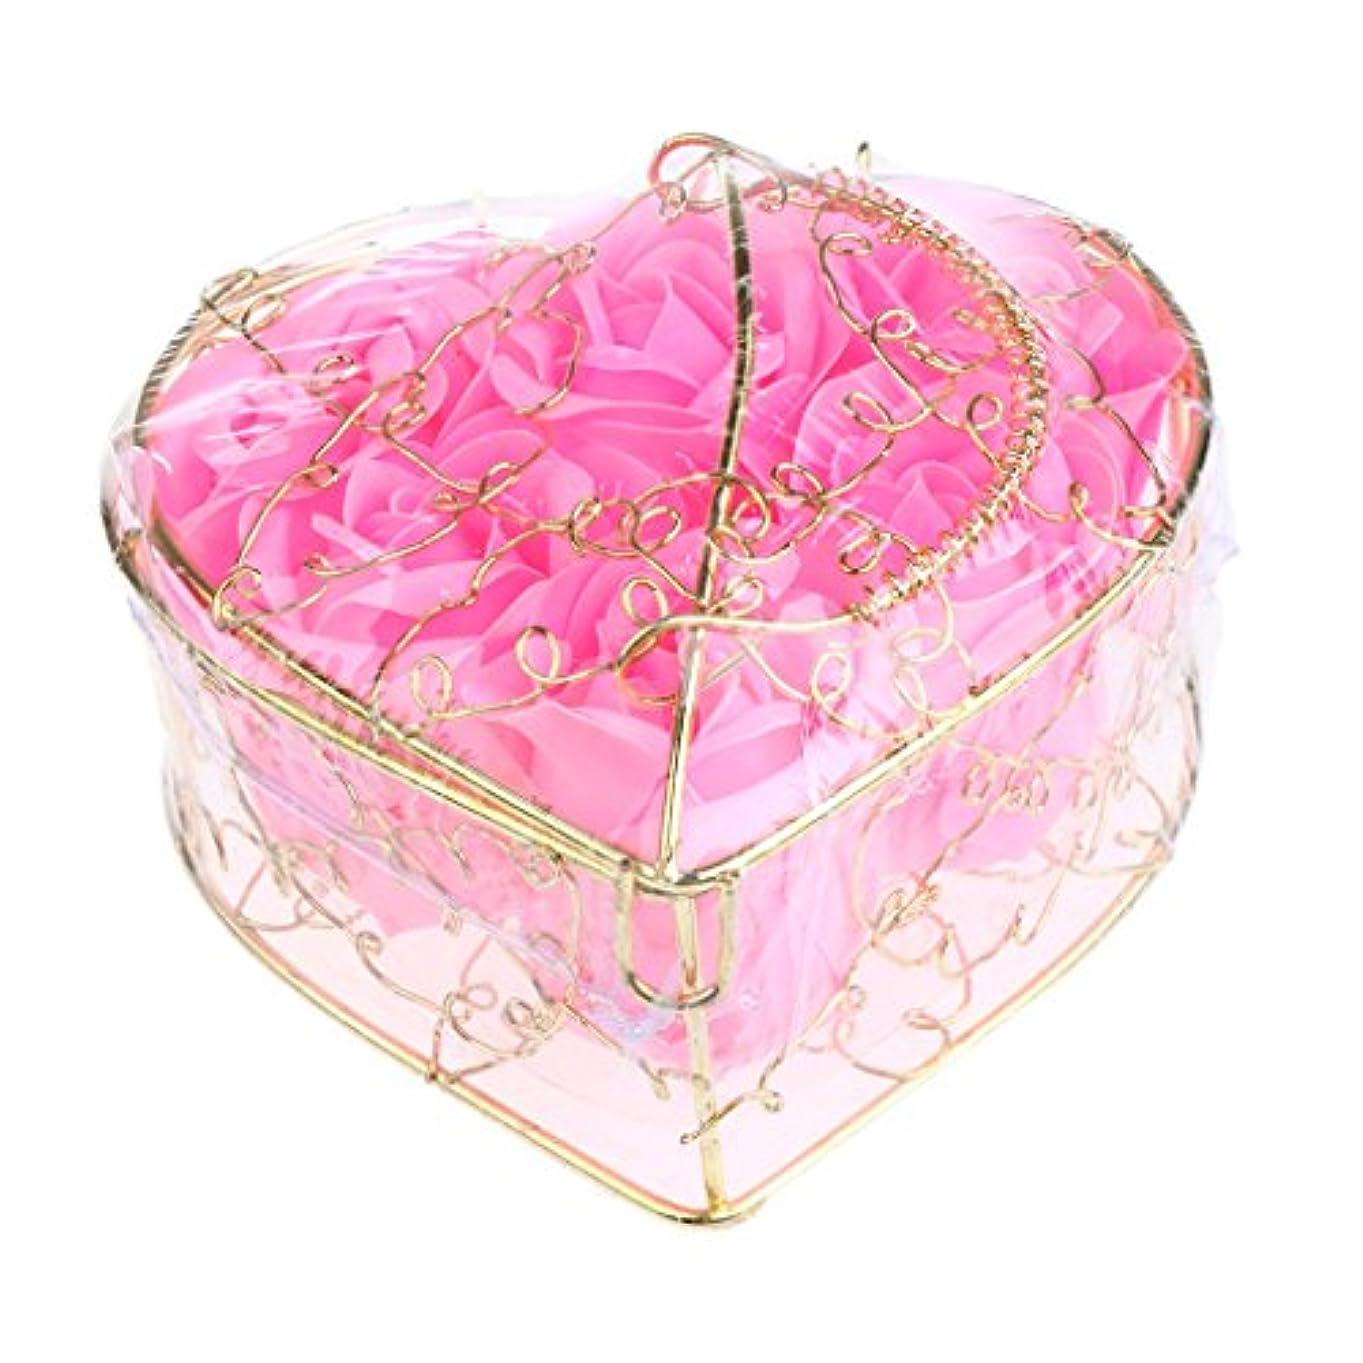 つかまえる組ディンカルビル6個 ソープフラワー 石鹸の花 バラ 薔薇の花 ロマンチック 心の形 ギフトボックス 誕生日 プレゼント 全5仕様選べる - ピンク